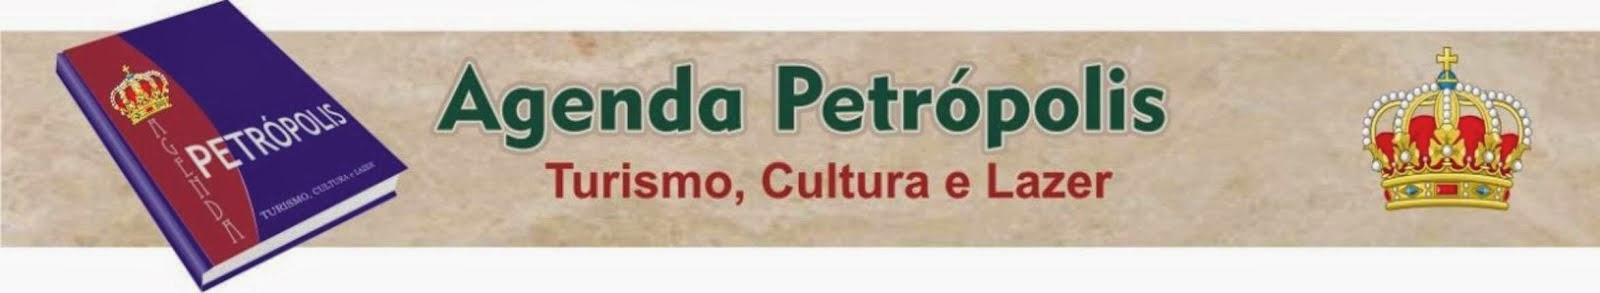 Agenda Petrópolis Oficial